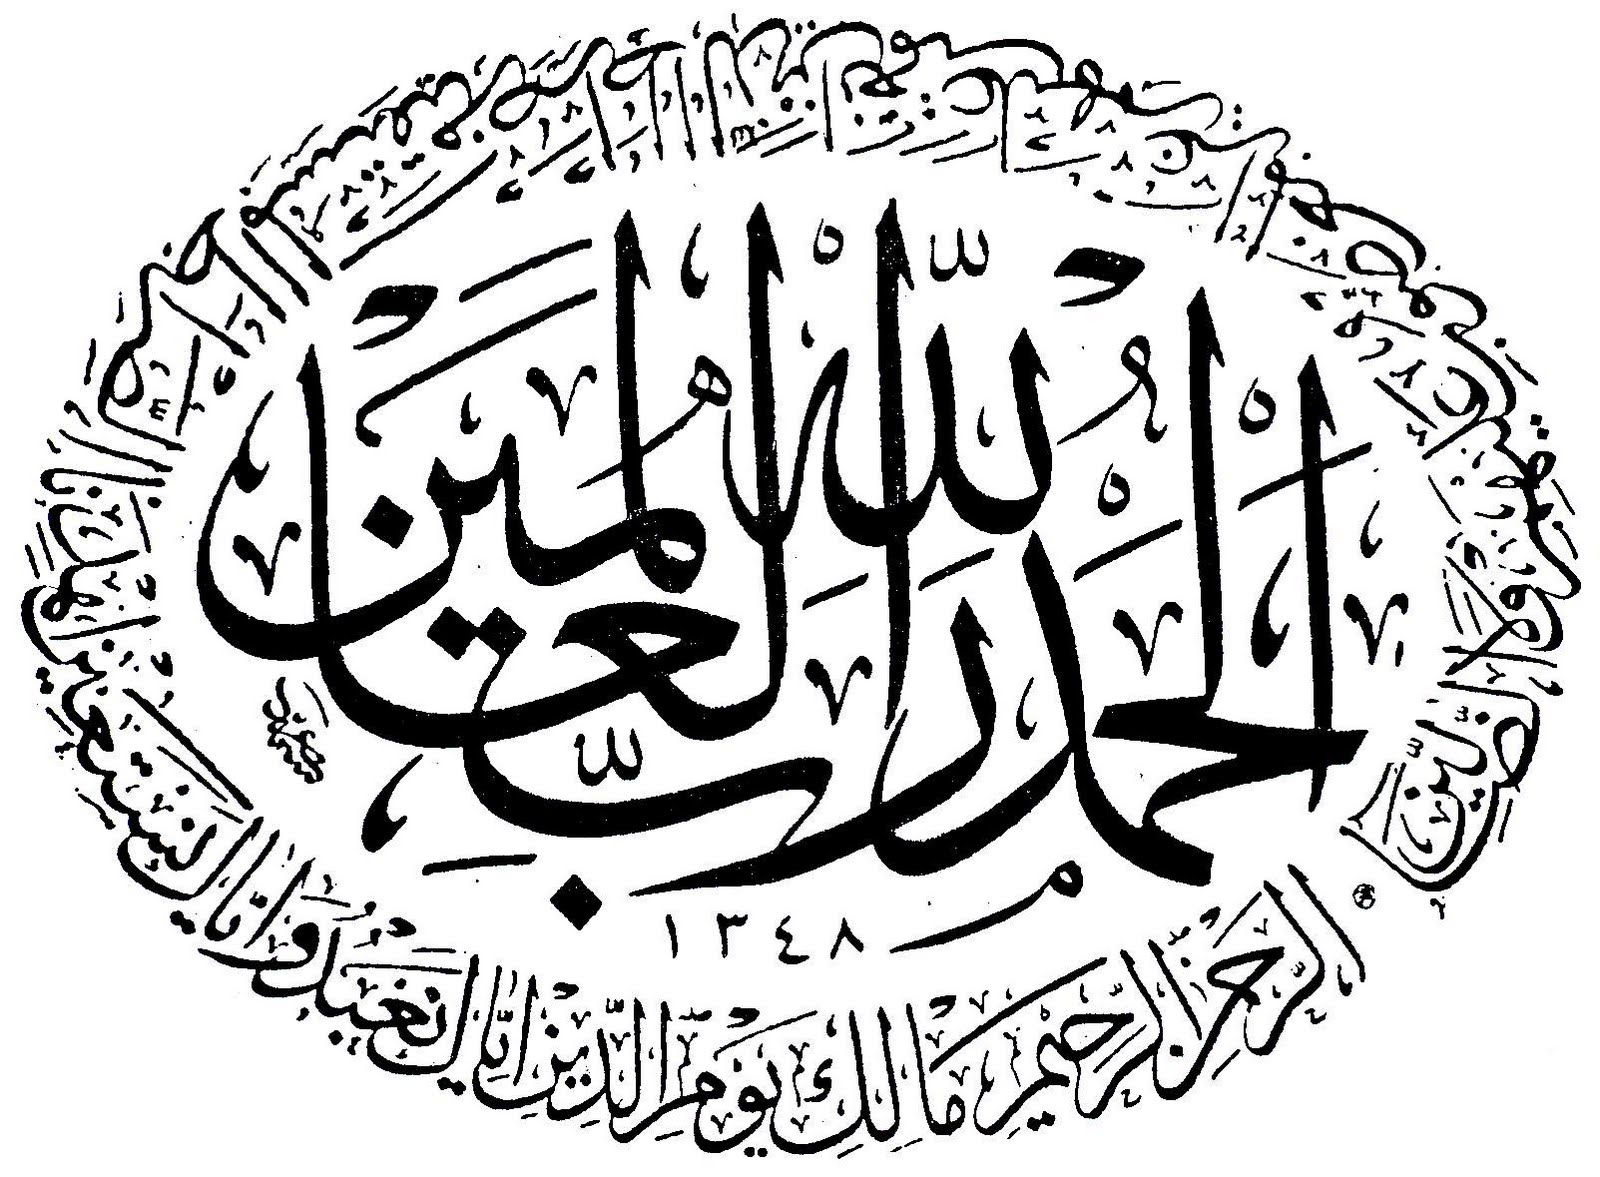 Khadija El adlı kullanıcının رسم على الزجاج panosundaki